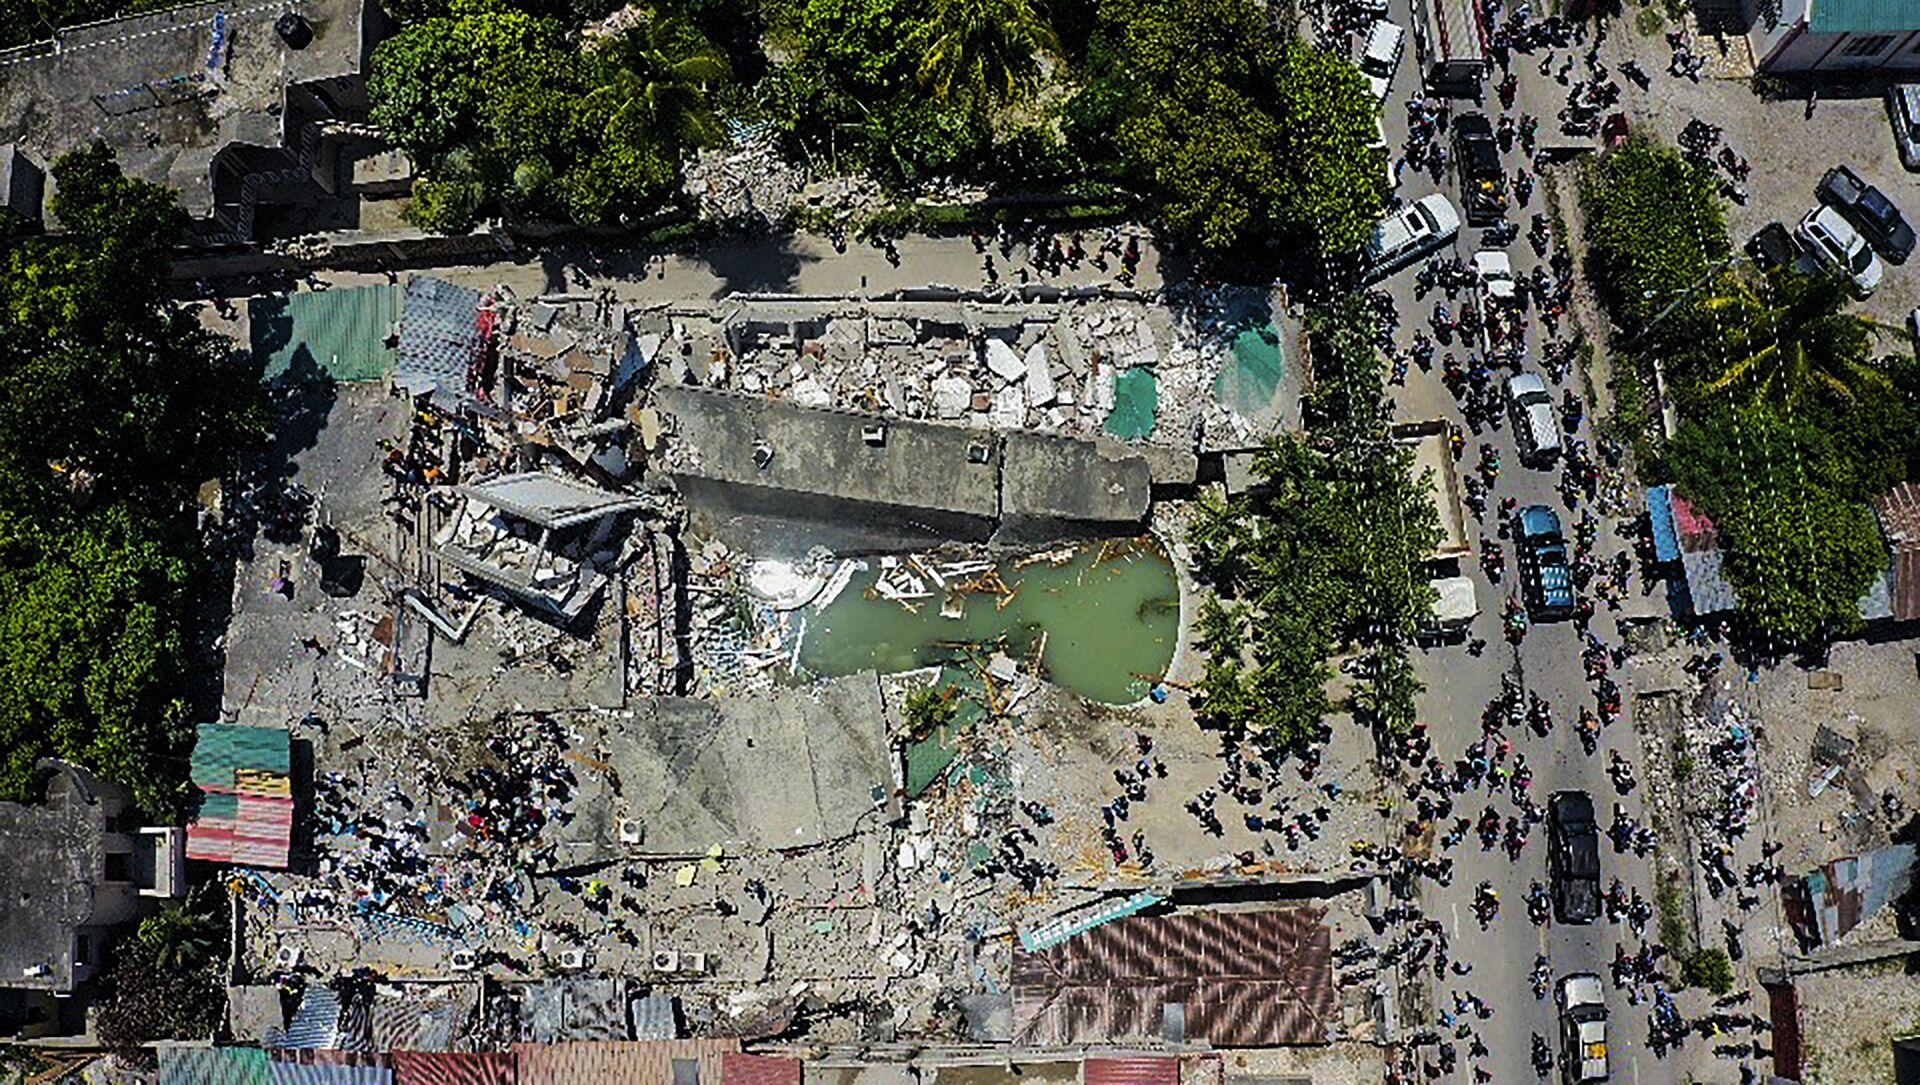 Destructions en Haïti après le séisme, le 14 août 2021 - Sputnik France, 1920, 23.08.2021